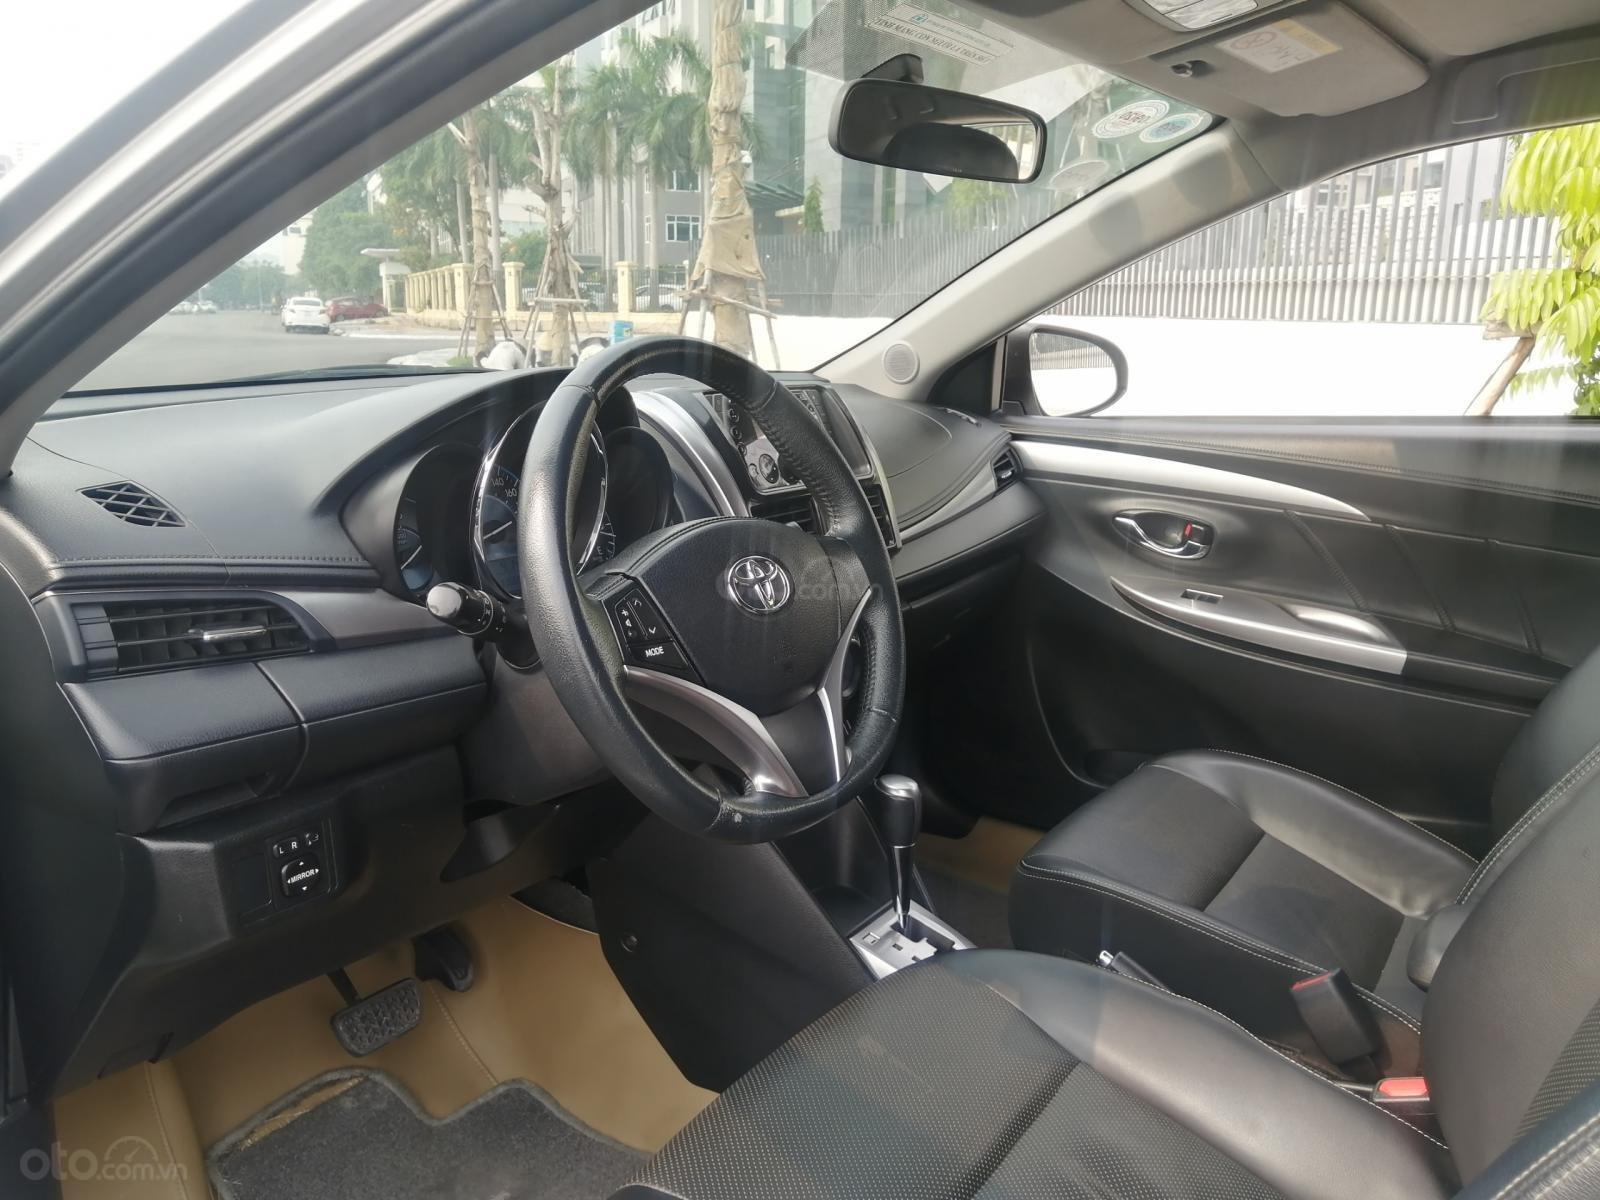 Toyota Mỹ Đình - trung tâm xe đã qua sử dụng - cần bán Toyota Vios đời 2014, 419tr (11)